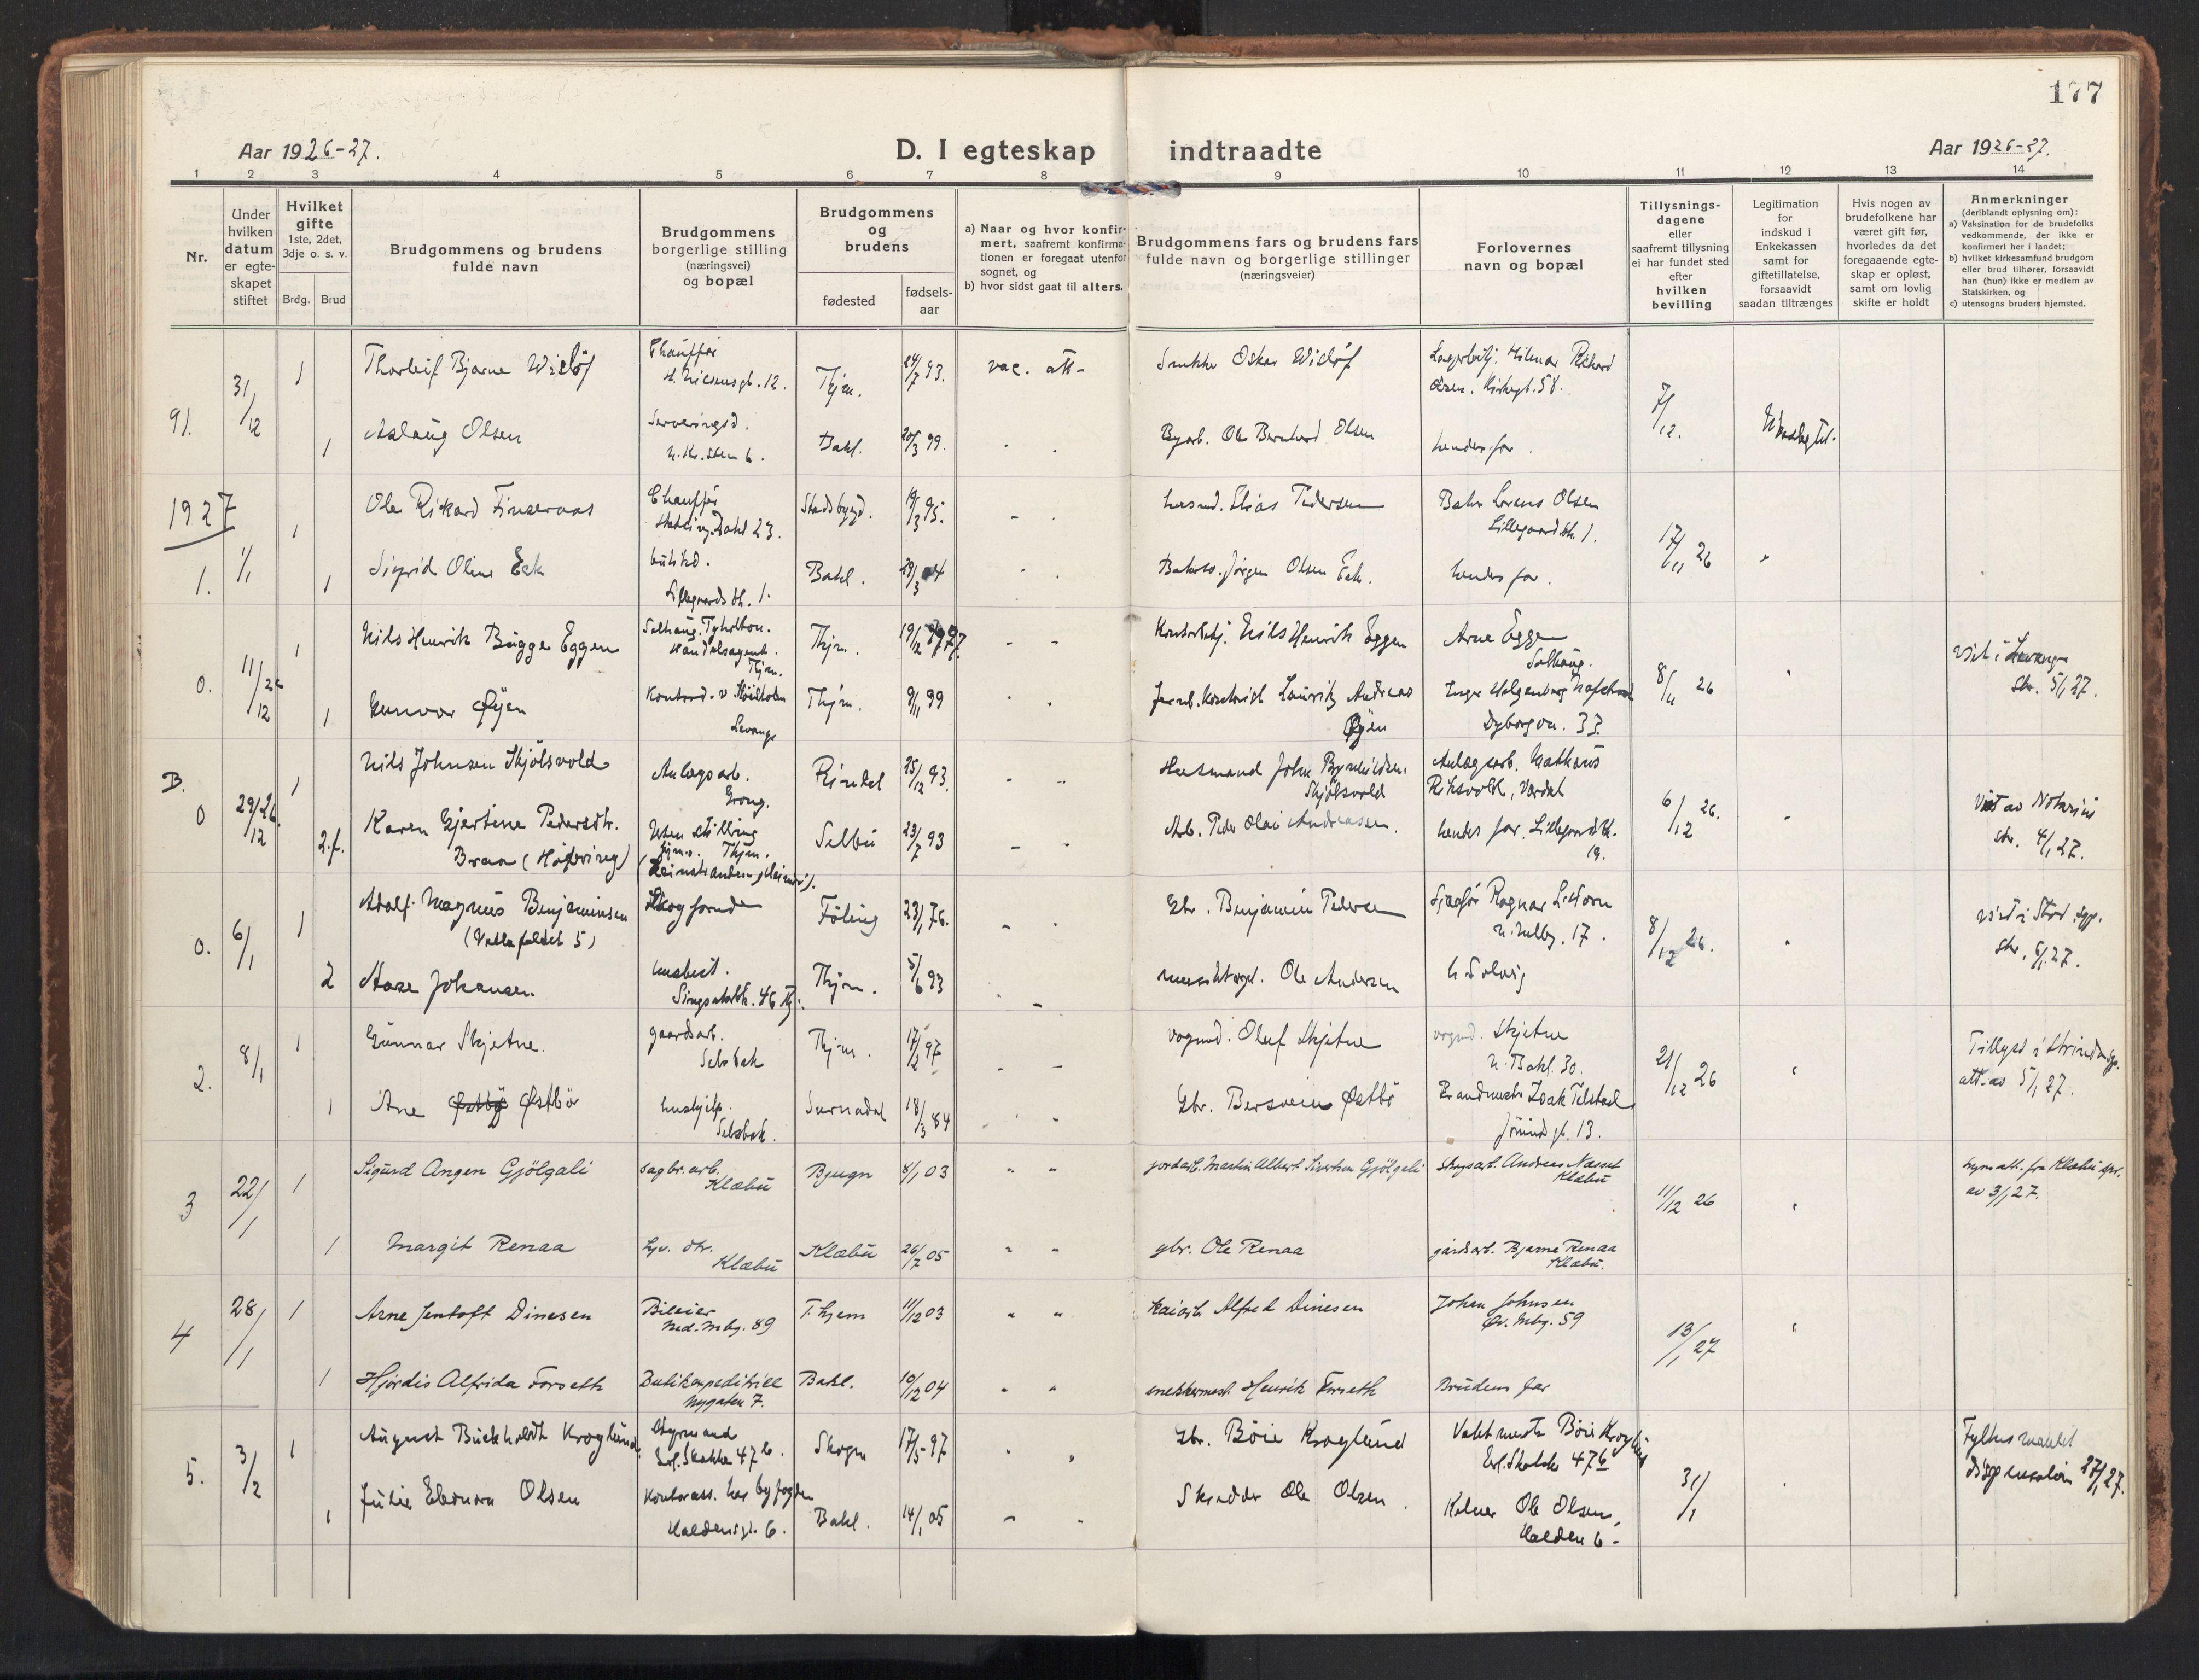 SAT, Ministerialprotokoller, klokkerbøker og fødselsregistre - Sør-Trøndelag, 604/L0206: Ministerialbok nr. 604A26, 1917-1931, s. 177